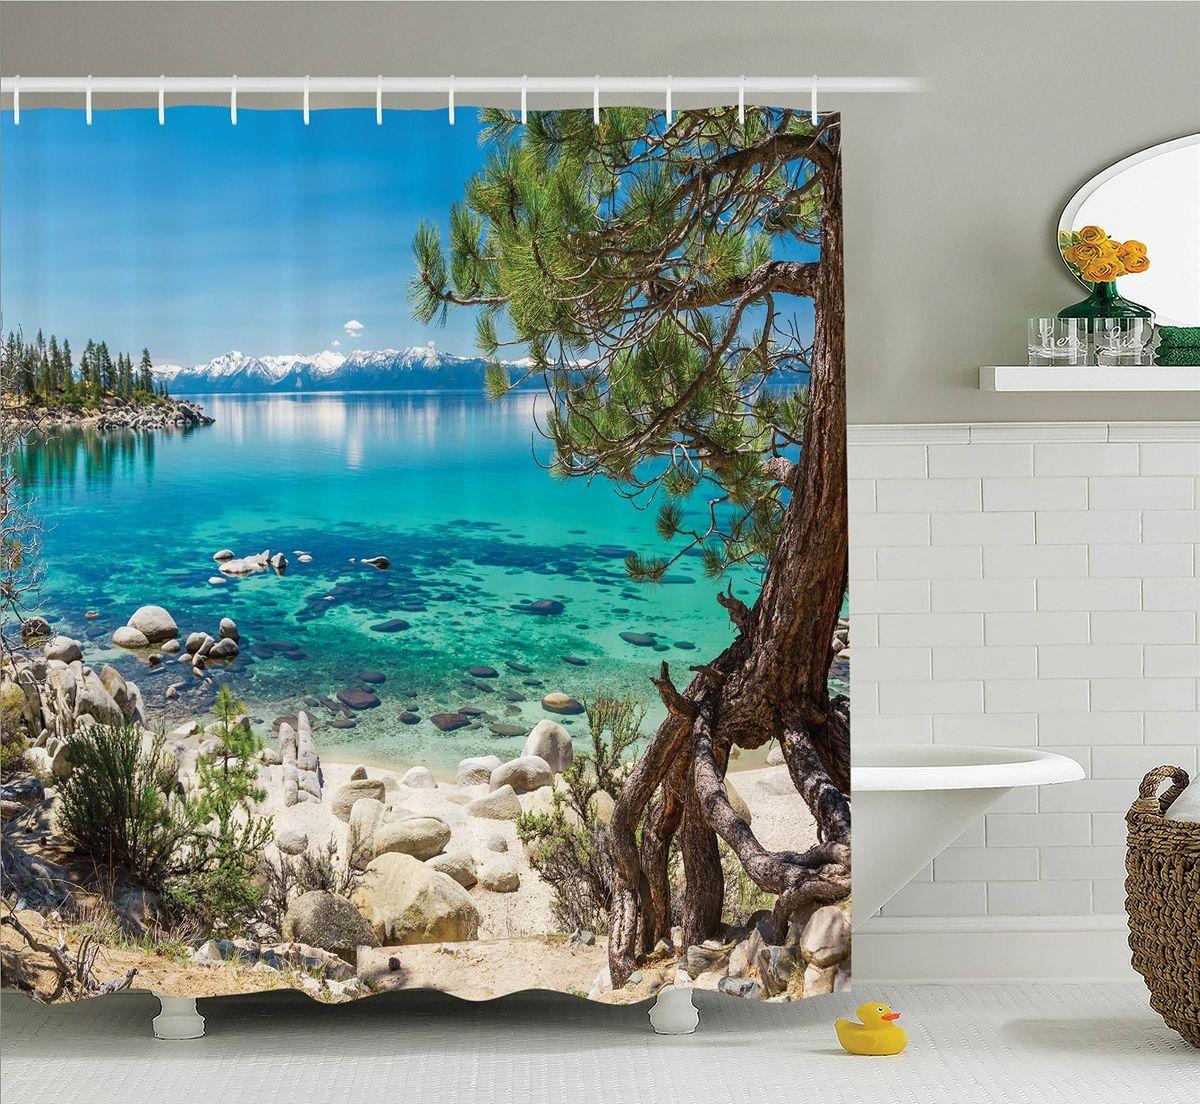 Штора для ванной комнаты Magic Lady Сосна на морском берегу, 180 х 200 см58209Штора Magic Lady Сосна на морском берегу, изготовленная из высококачественного сатена (полиэстер 100%), отлично дополнит любой интерьер ванной комнаты. При изготовлении используются специальные гипоаллергенные чернила для прямой печати по ткани, безопасные для человека.В комплекте: 1 штора, 12 крючков. Обращаем ваше внимание, фактический цвет изделия может незначительно отличаться от представленного на фото.